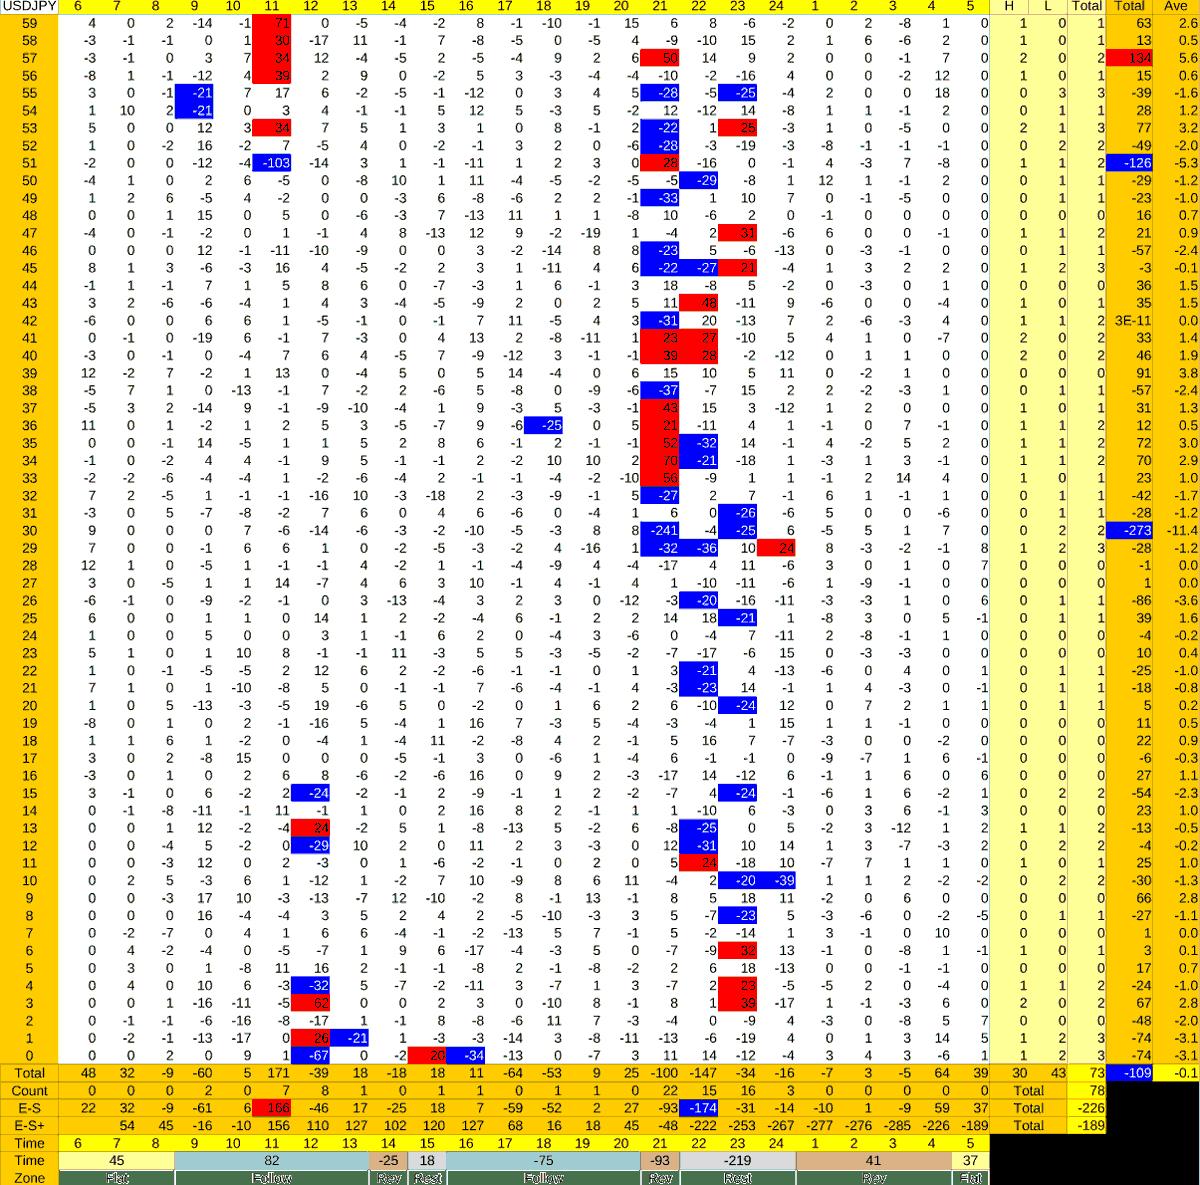 20210903_HS(1)USDJPY-min